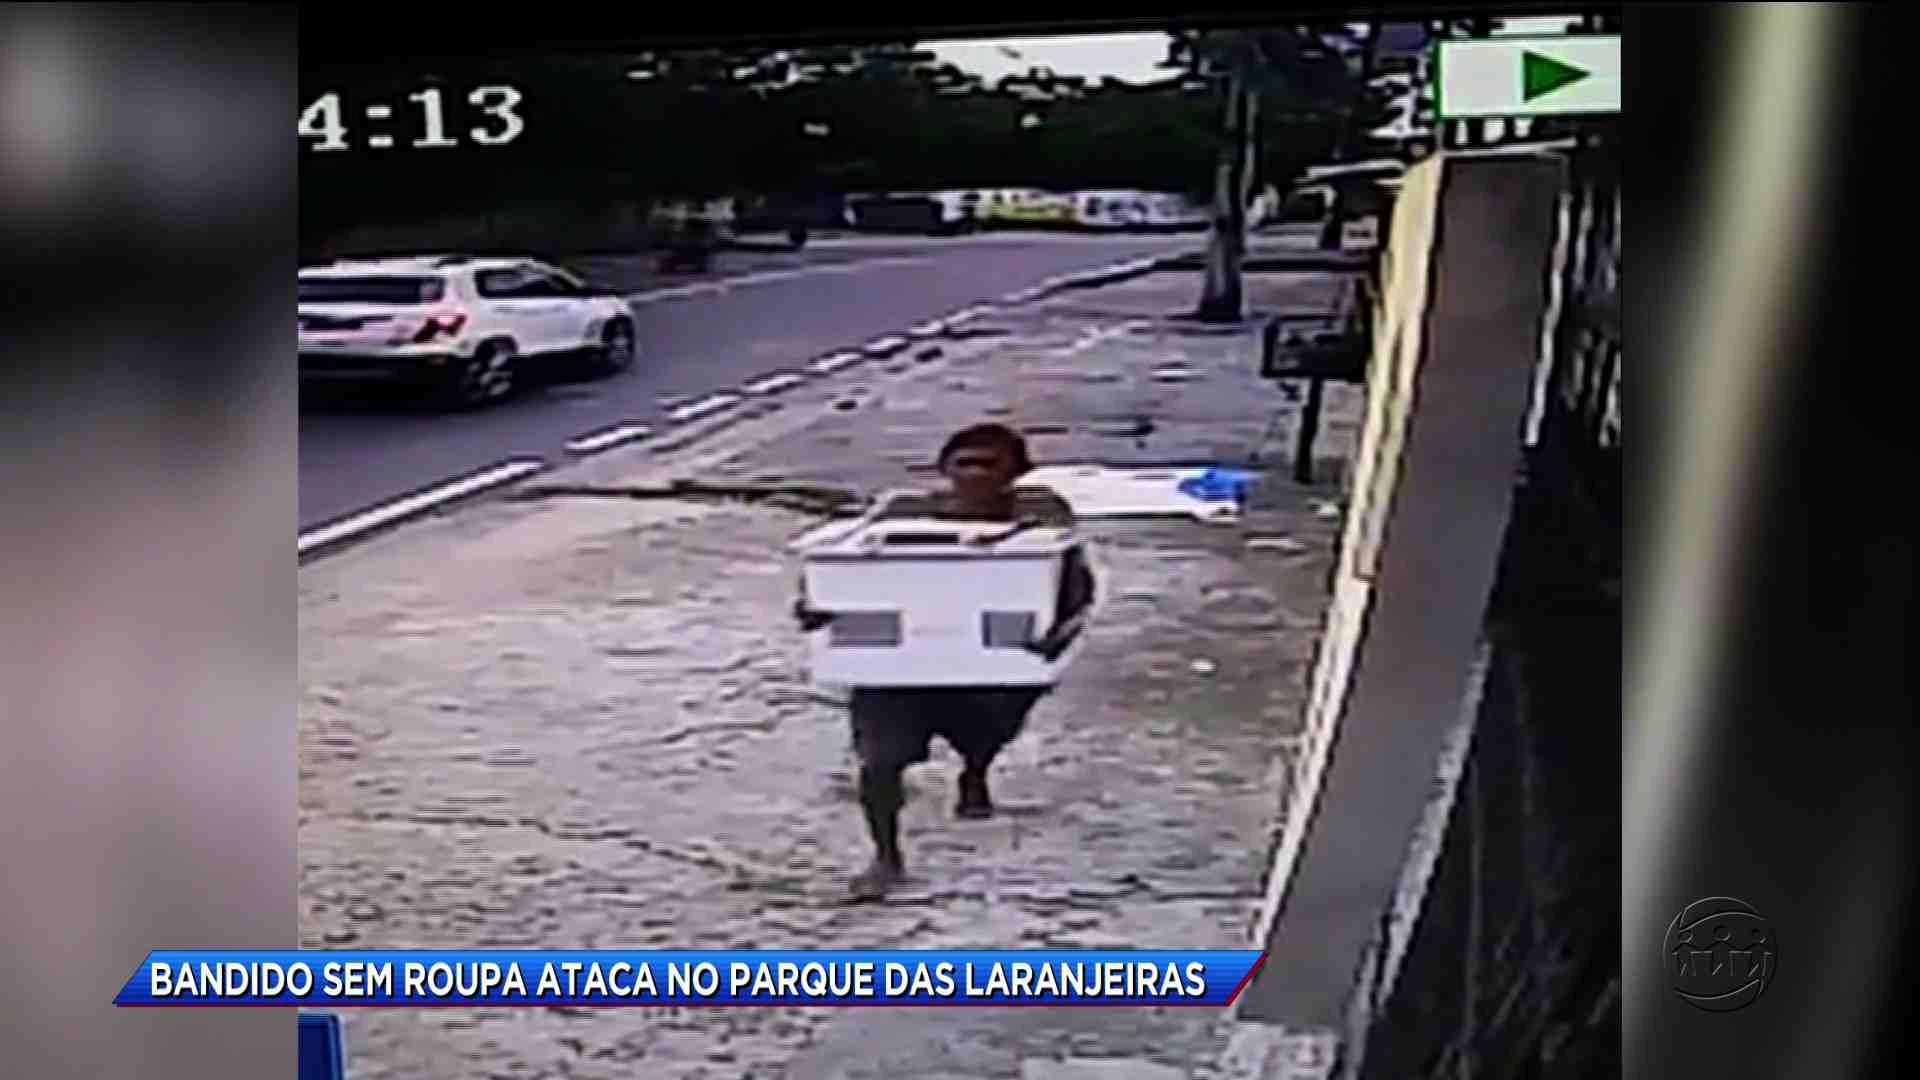 HOMEM INVADE CASA E TIRA ROUPA PARA ENTRAR NA PISCINA - Cidade Alerta Manaus 19/10/17